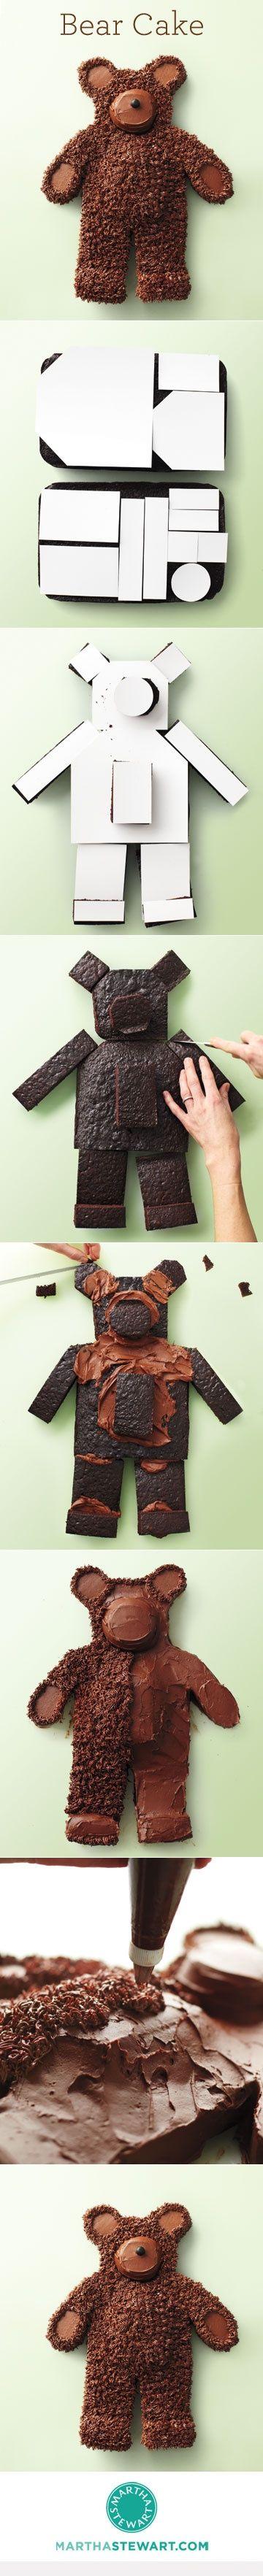 Há coisa mais fofa que um ursinho? E se for de chocolate então!!! Hummm... Olhem